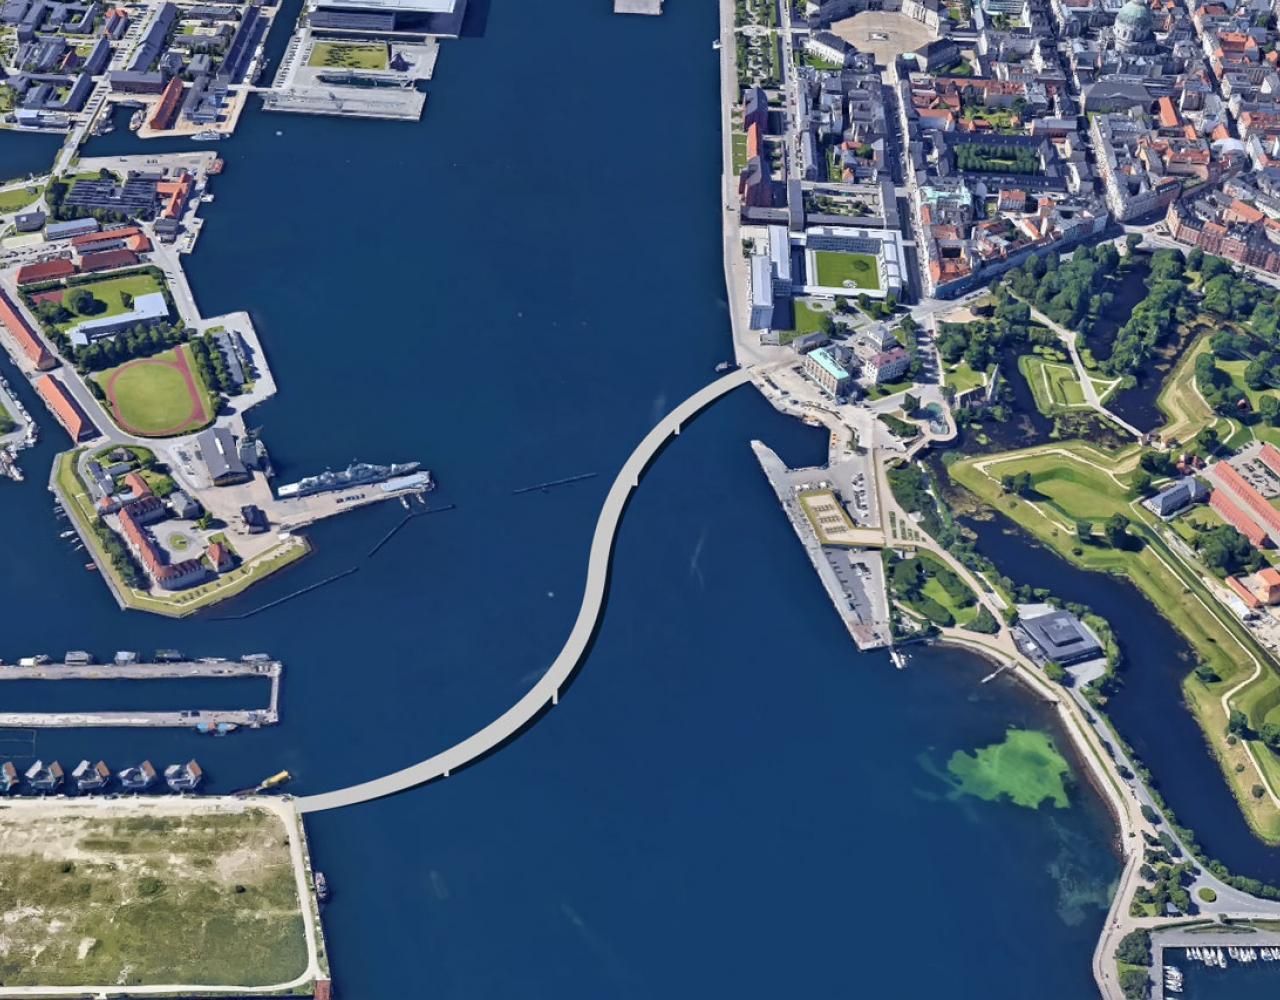 bro refshaleøen nordre toldbod